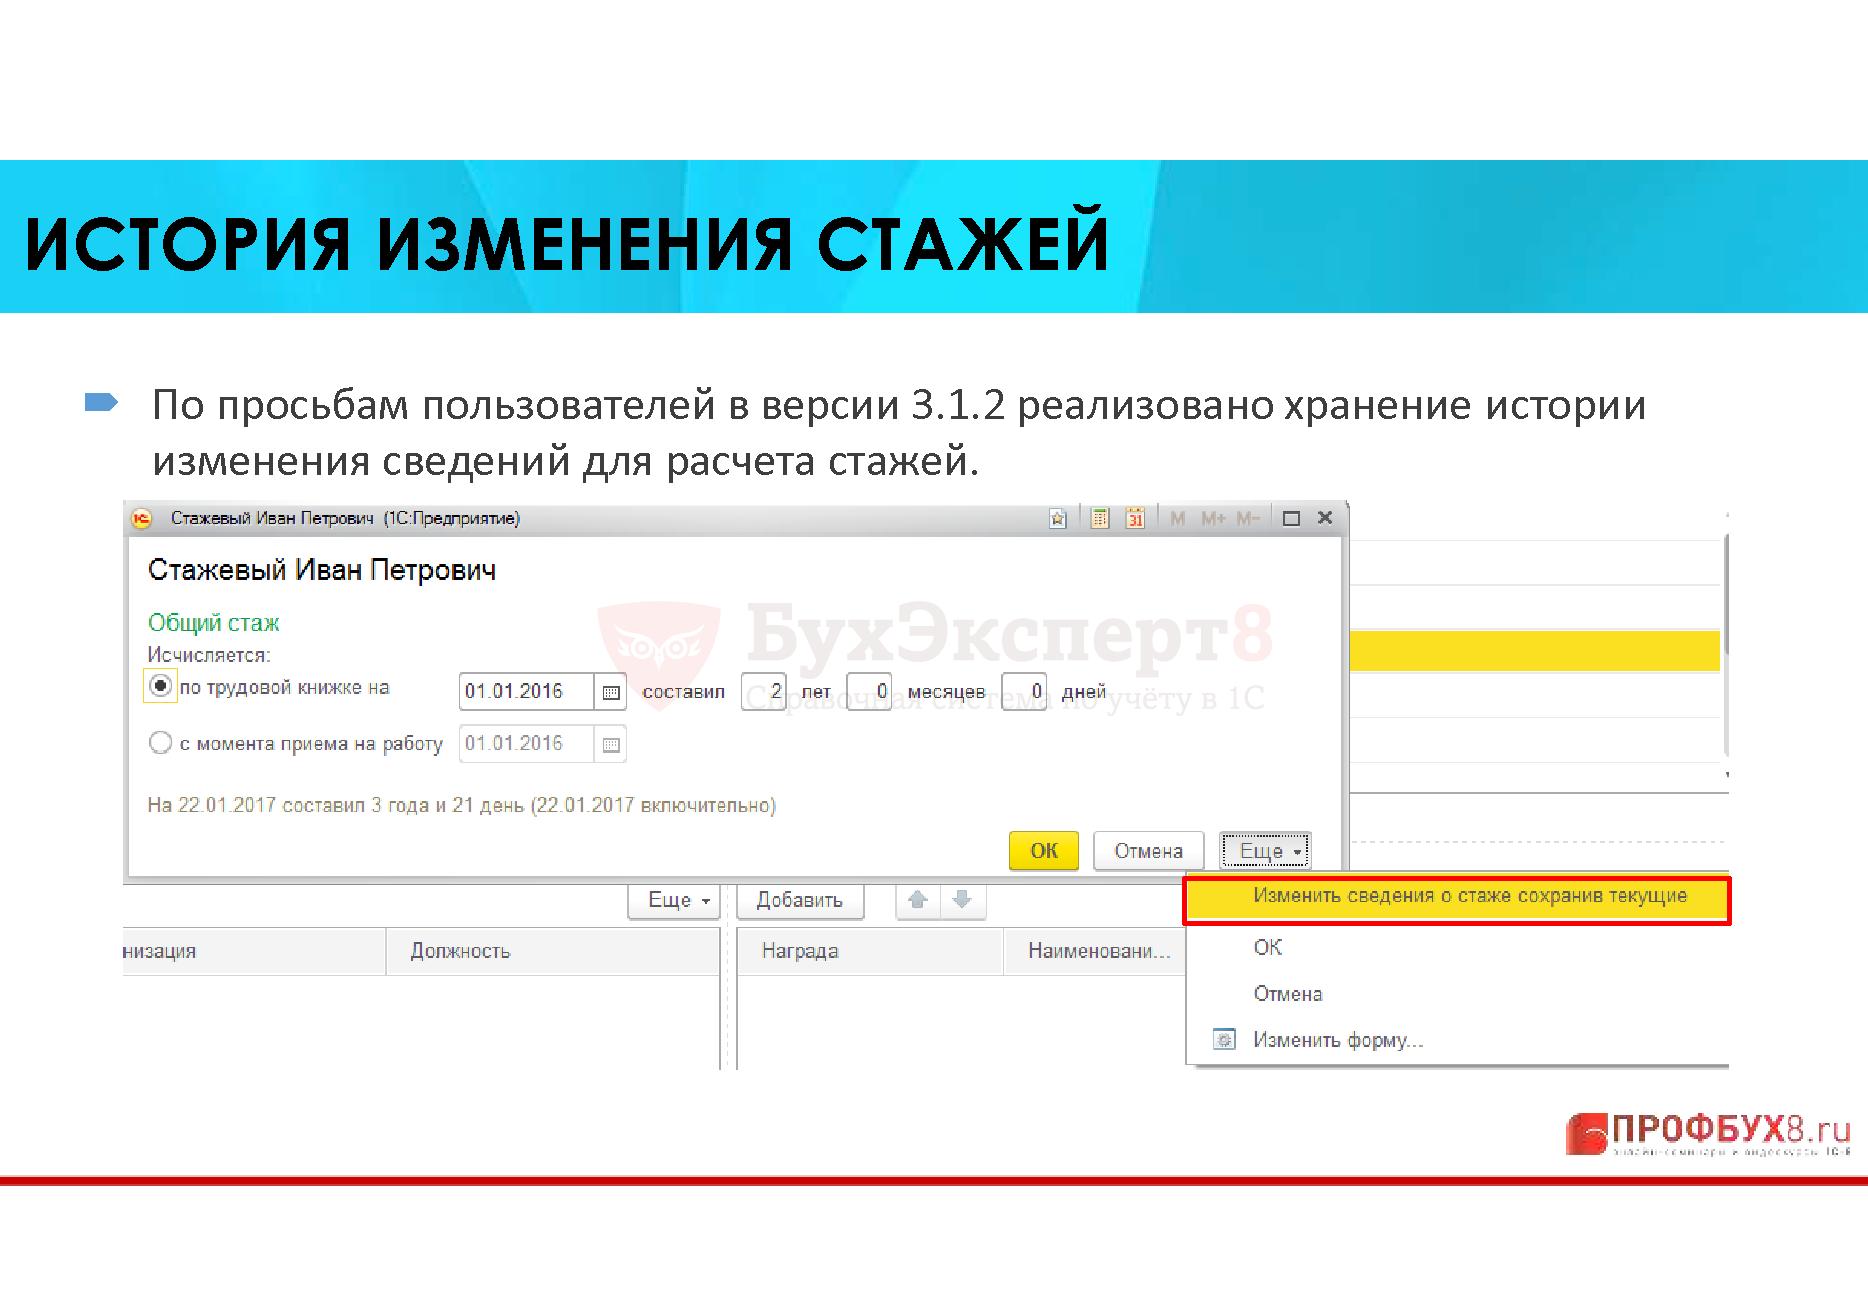 ИСТОРИЯ ИЗМЕНЕНИЯ СТАЖЕЙ По просьбам пользователей в версии 3.1.2 реализовано хранение истории изменения сведений для расчета стажей.